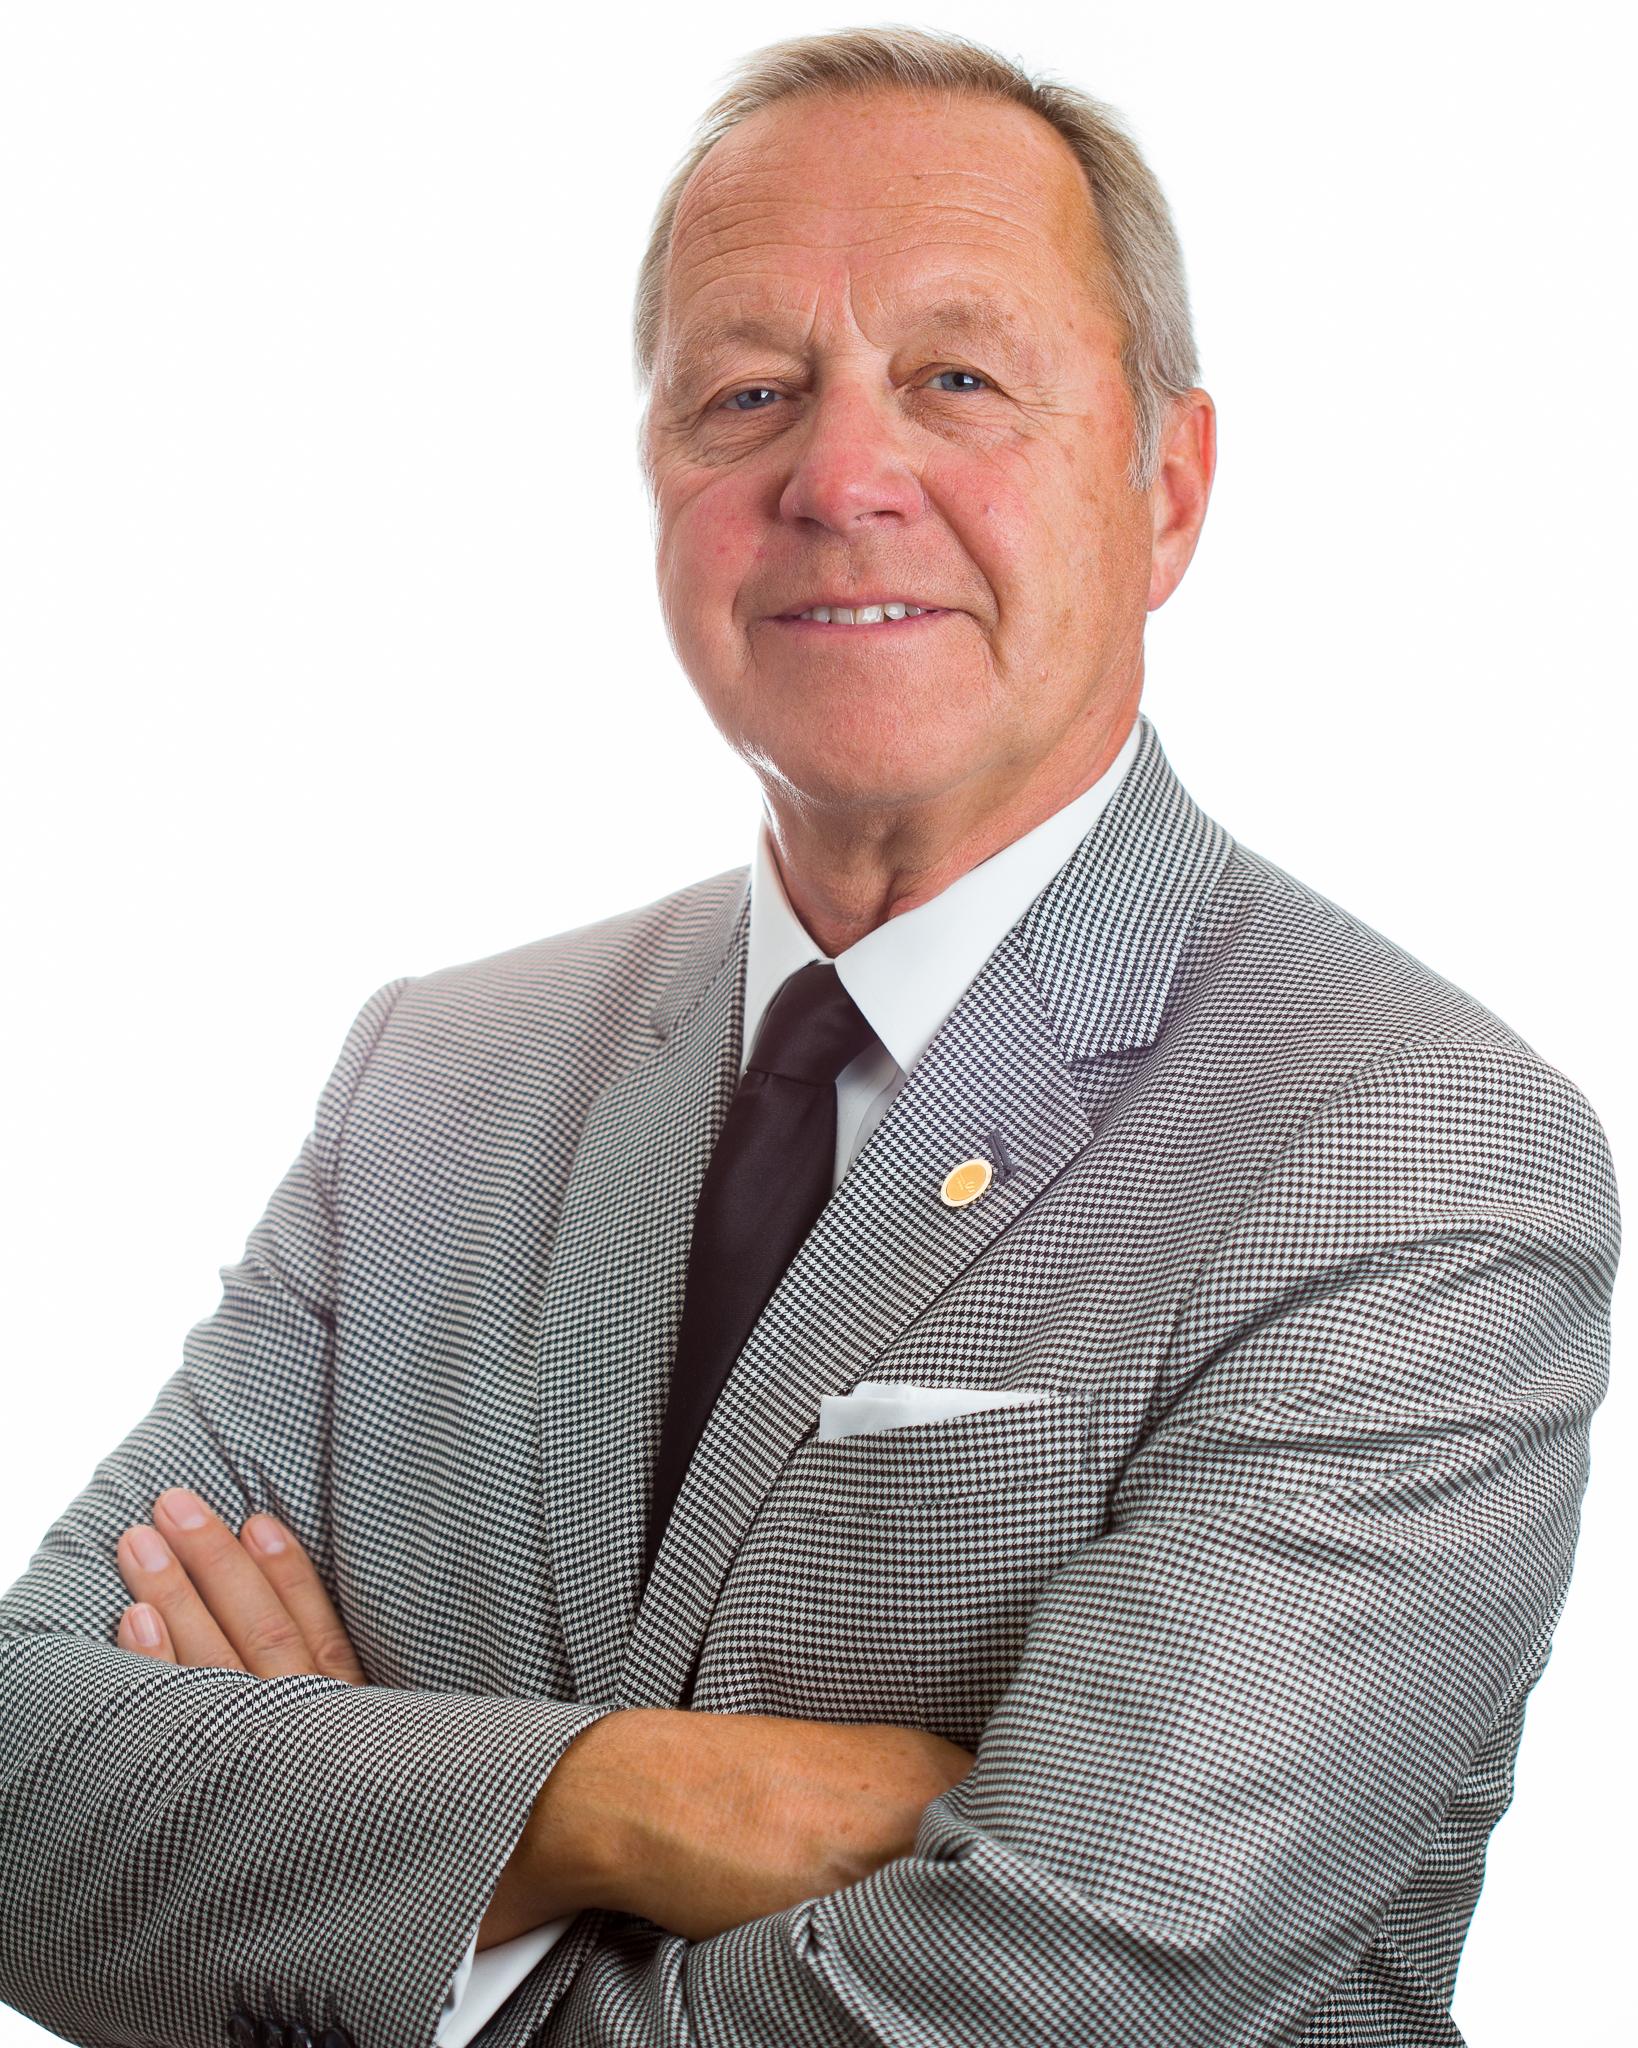 Richard Peddie